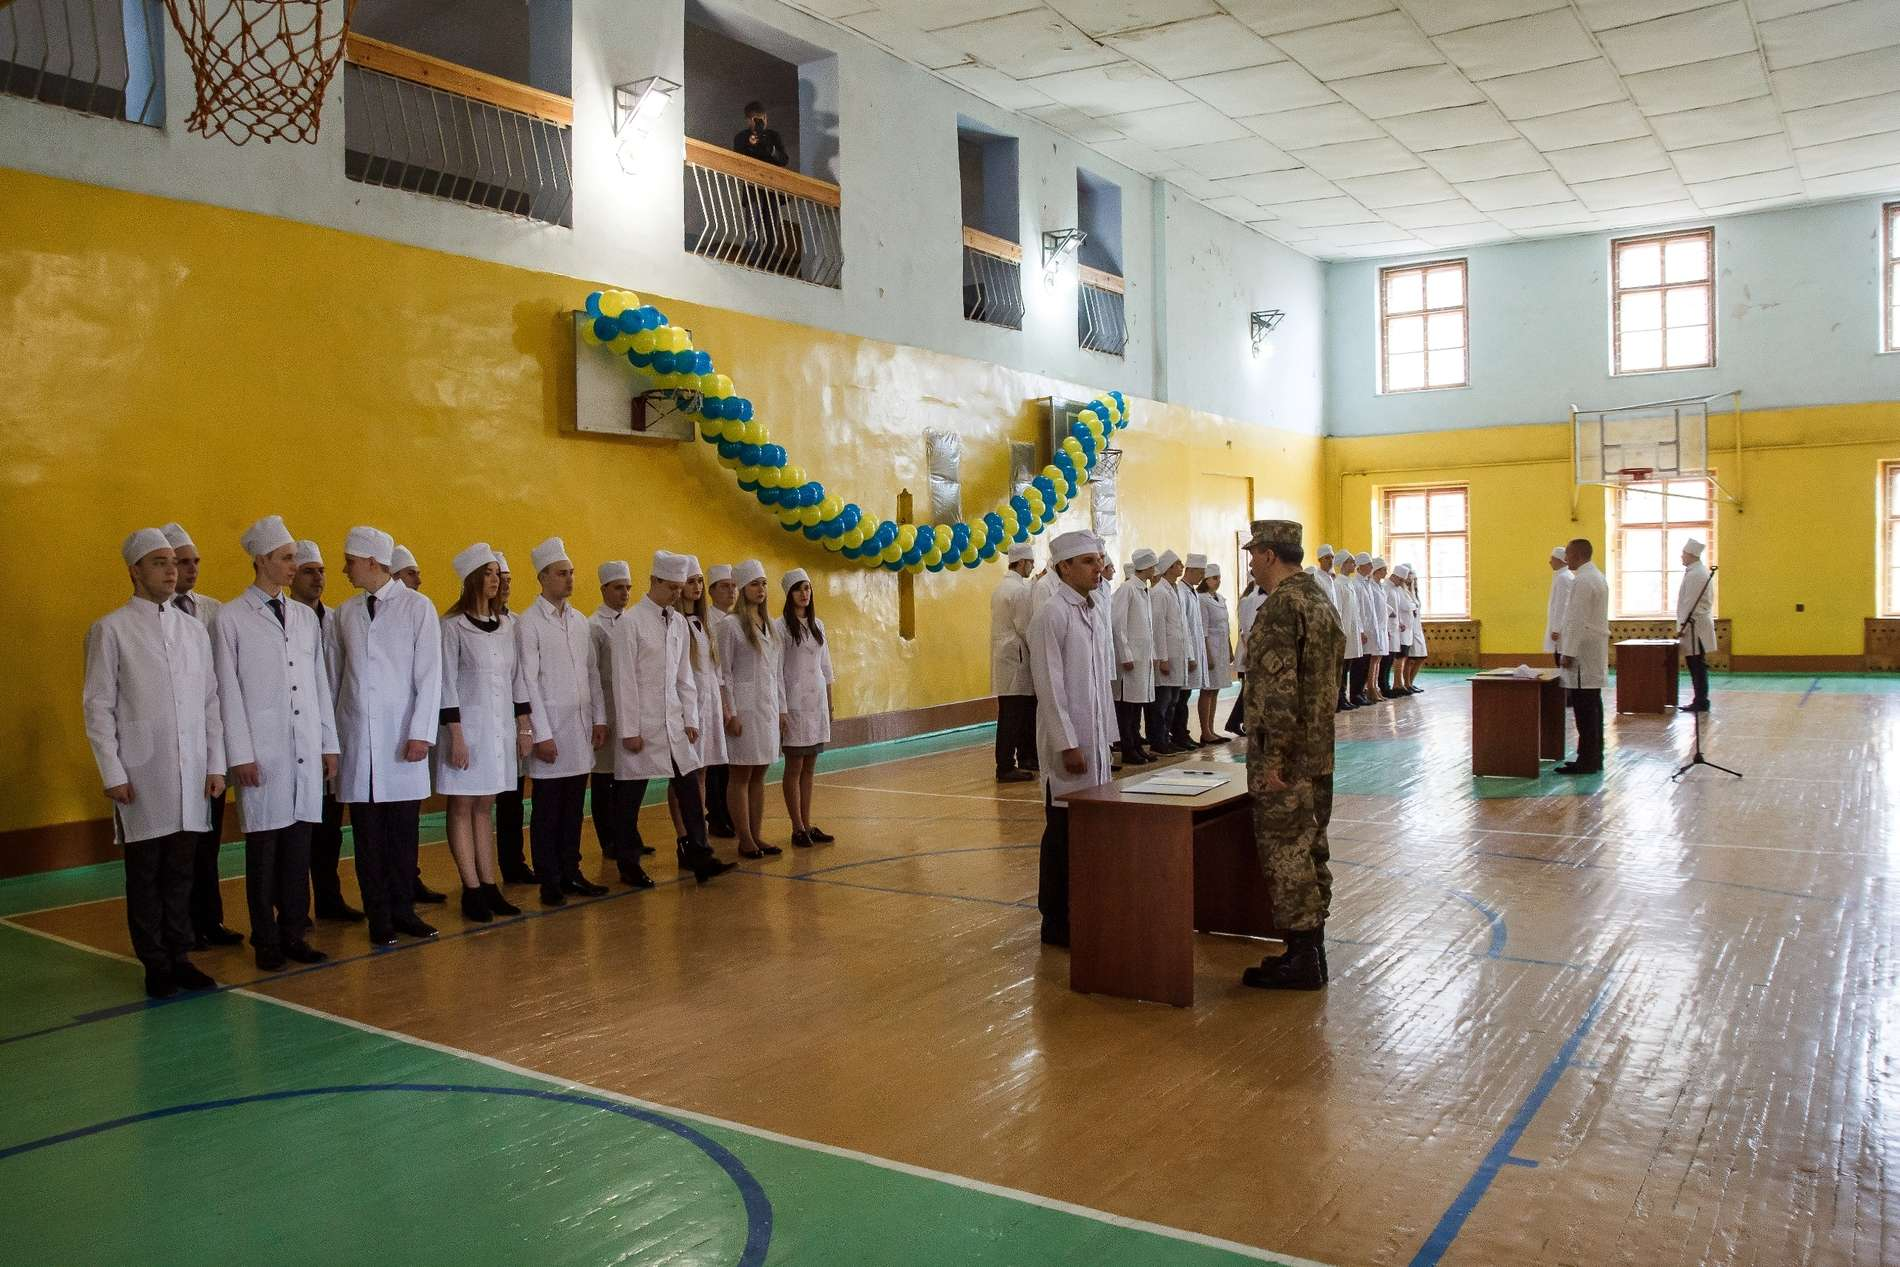 Майже 50 студентів БДМУ склали військову присягу на вірність Українському народу